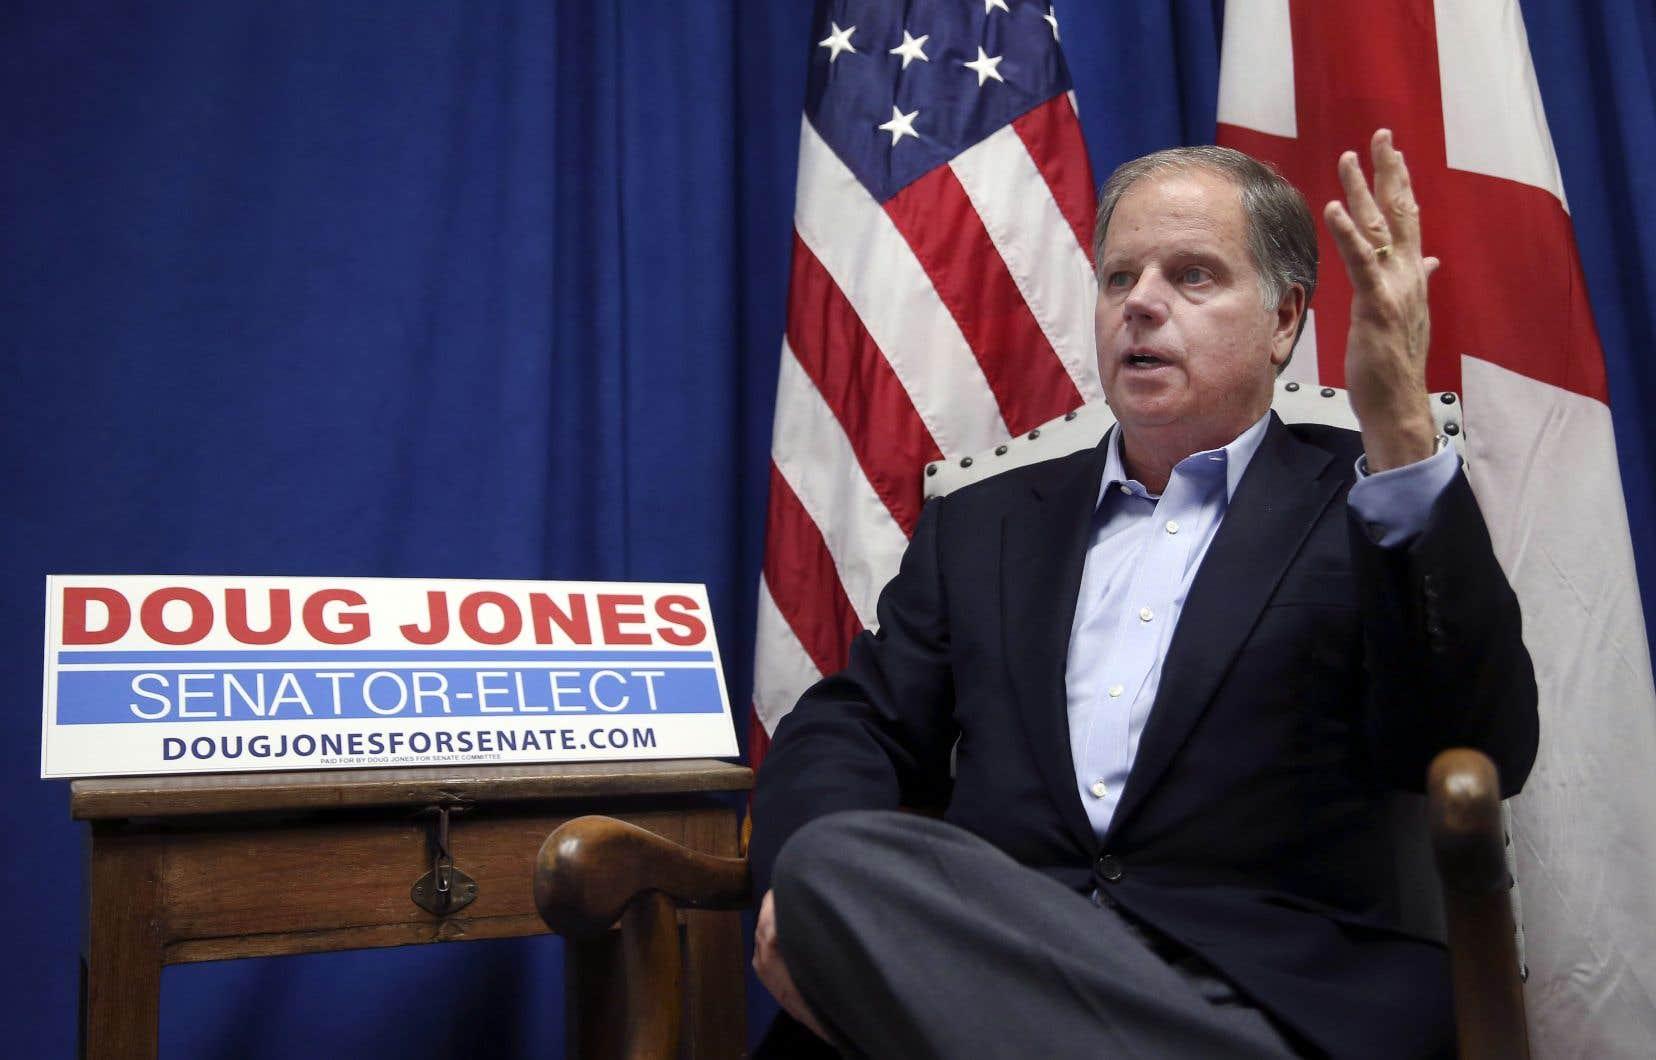 Doug Jones, le candidat démocrate qui a remporté l'élection sénatoriale en Alabama, «n'était pas un poteau», rappelle Christophe Cloutier-Roy.